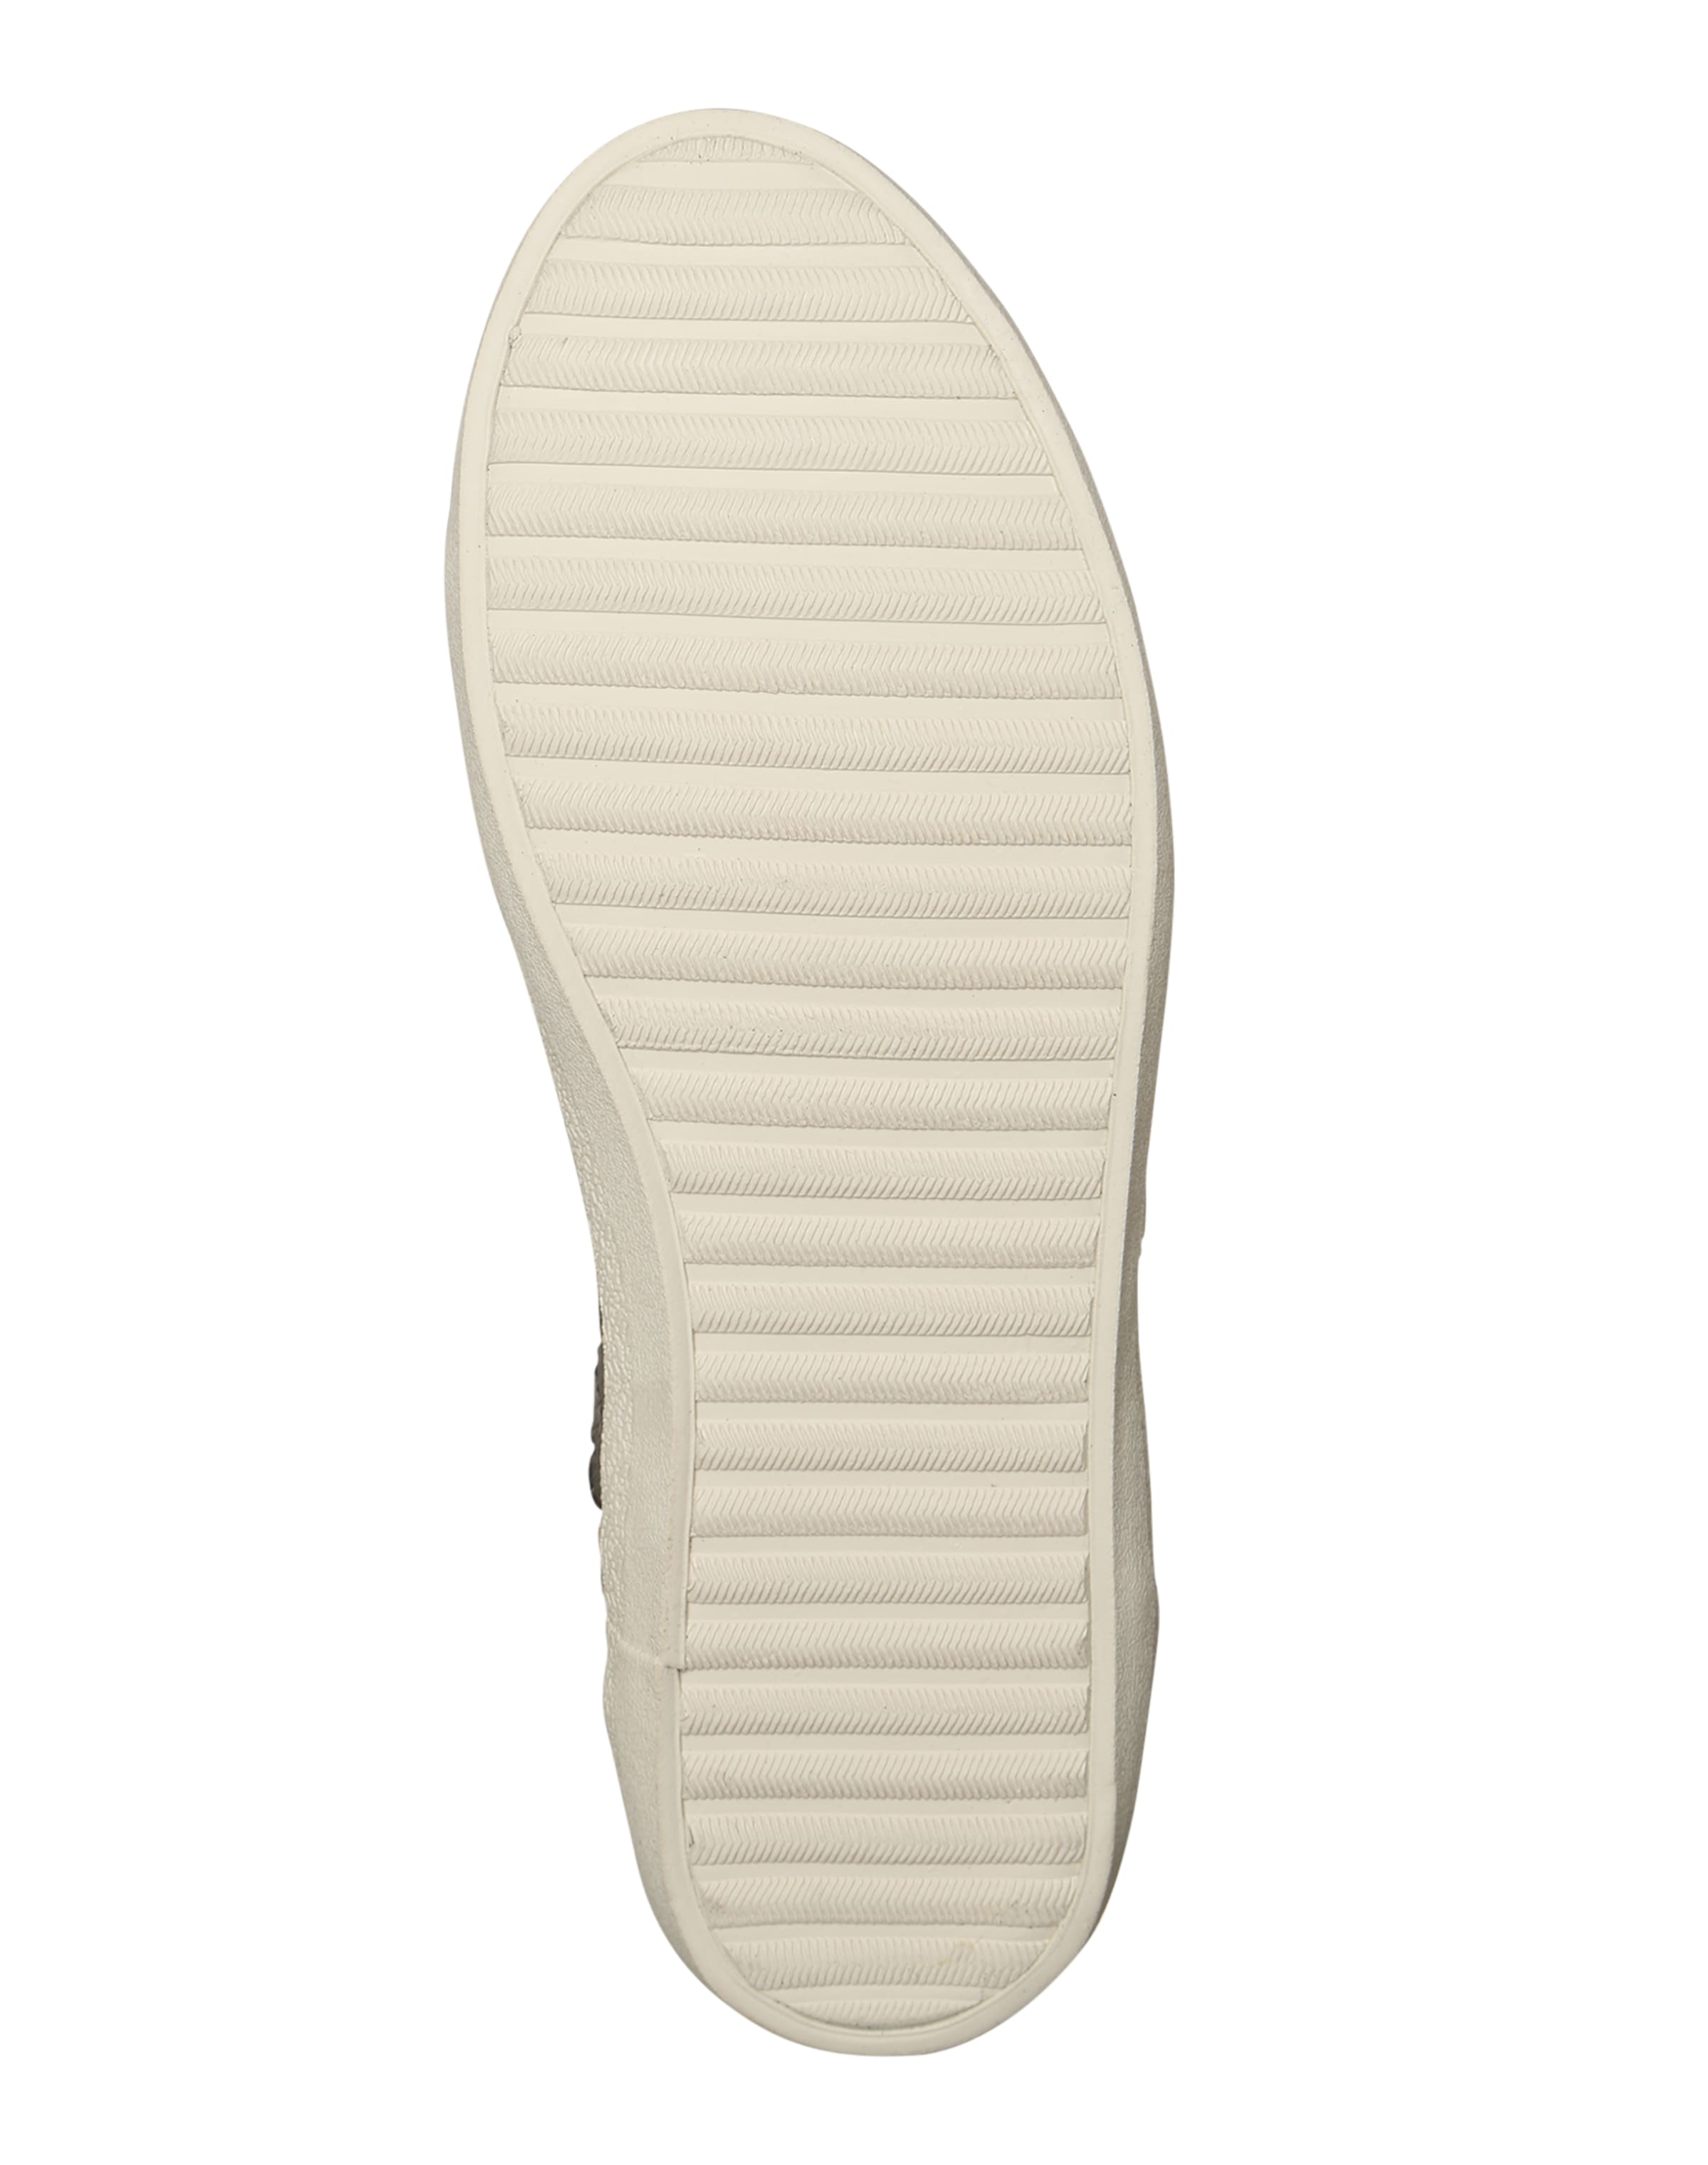 ESPRIT Sneaker High 'Miana' Rabatt Authentische Online 6QJd4gL0WG